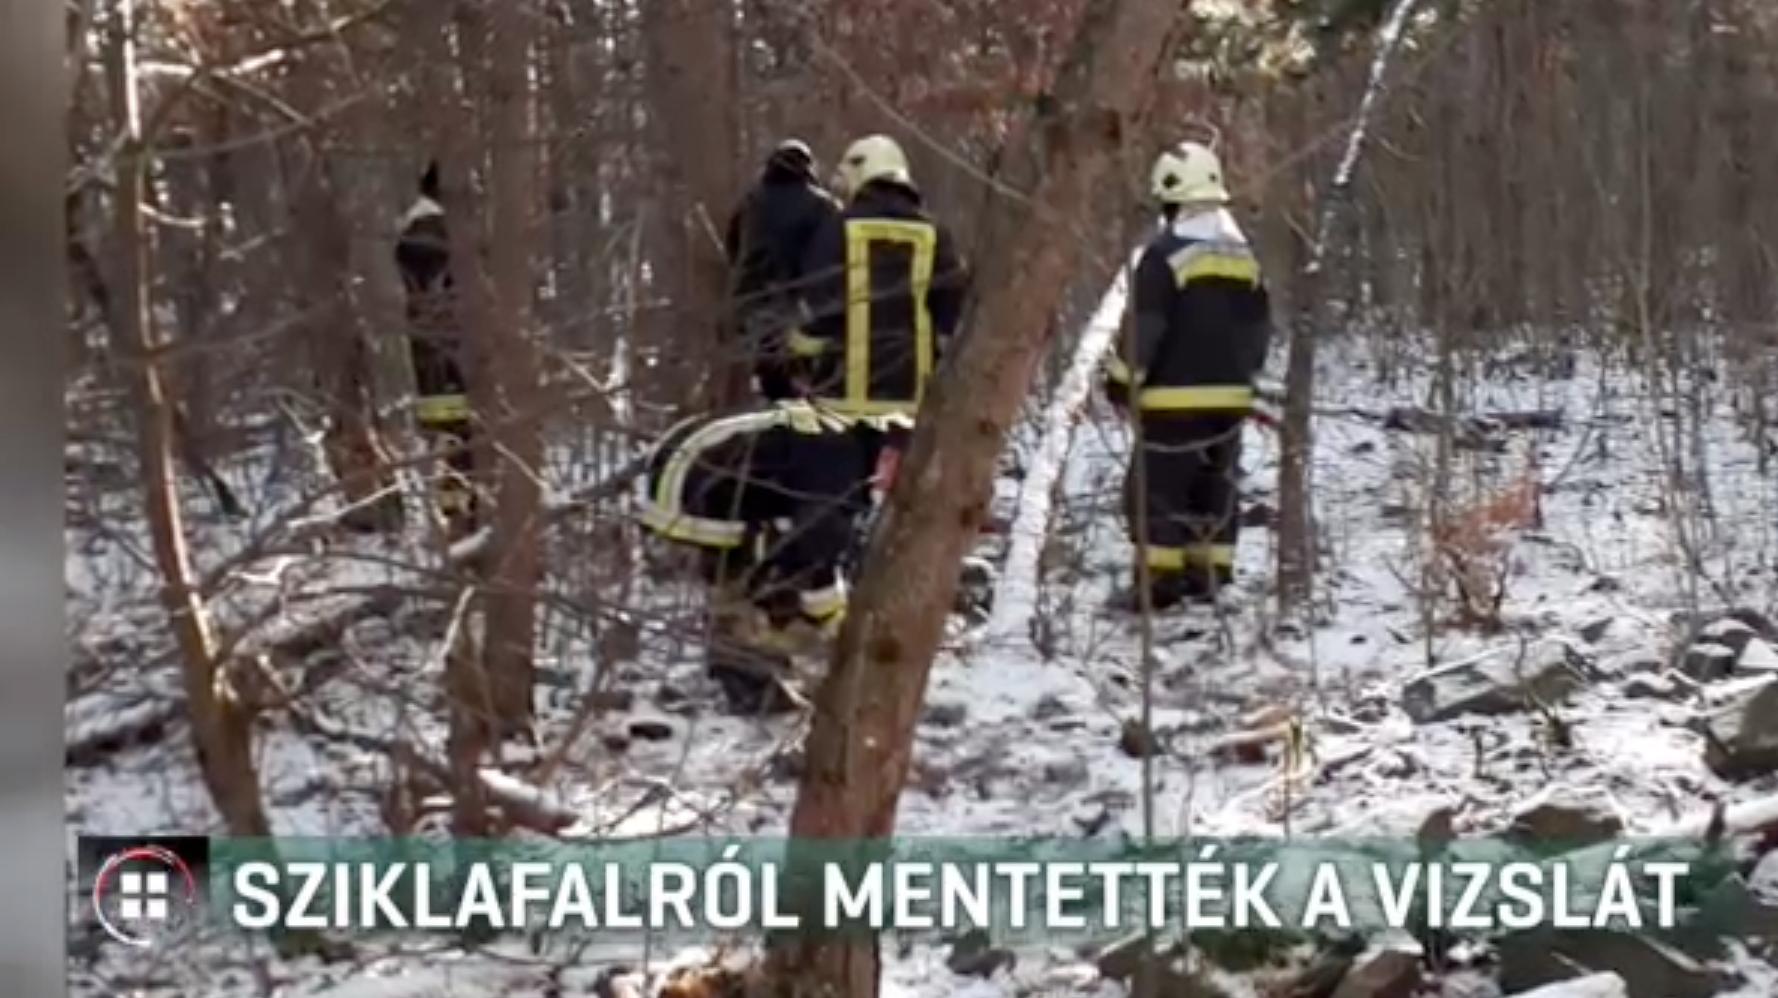 Alpinisták és tűzoltók mentették meg a vizslát, aki egy 30 méteres sziklafalra menekült a petárdák elől